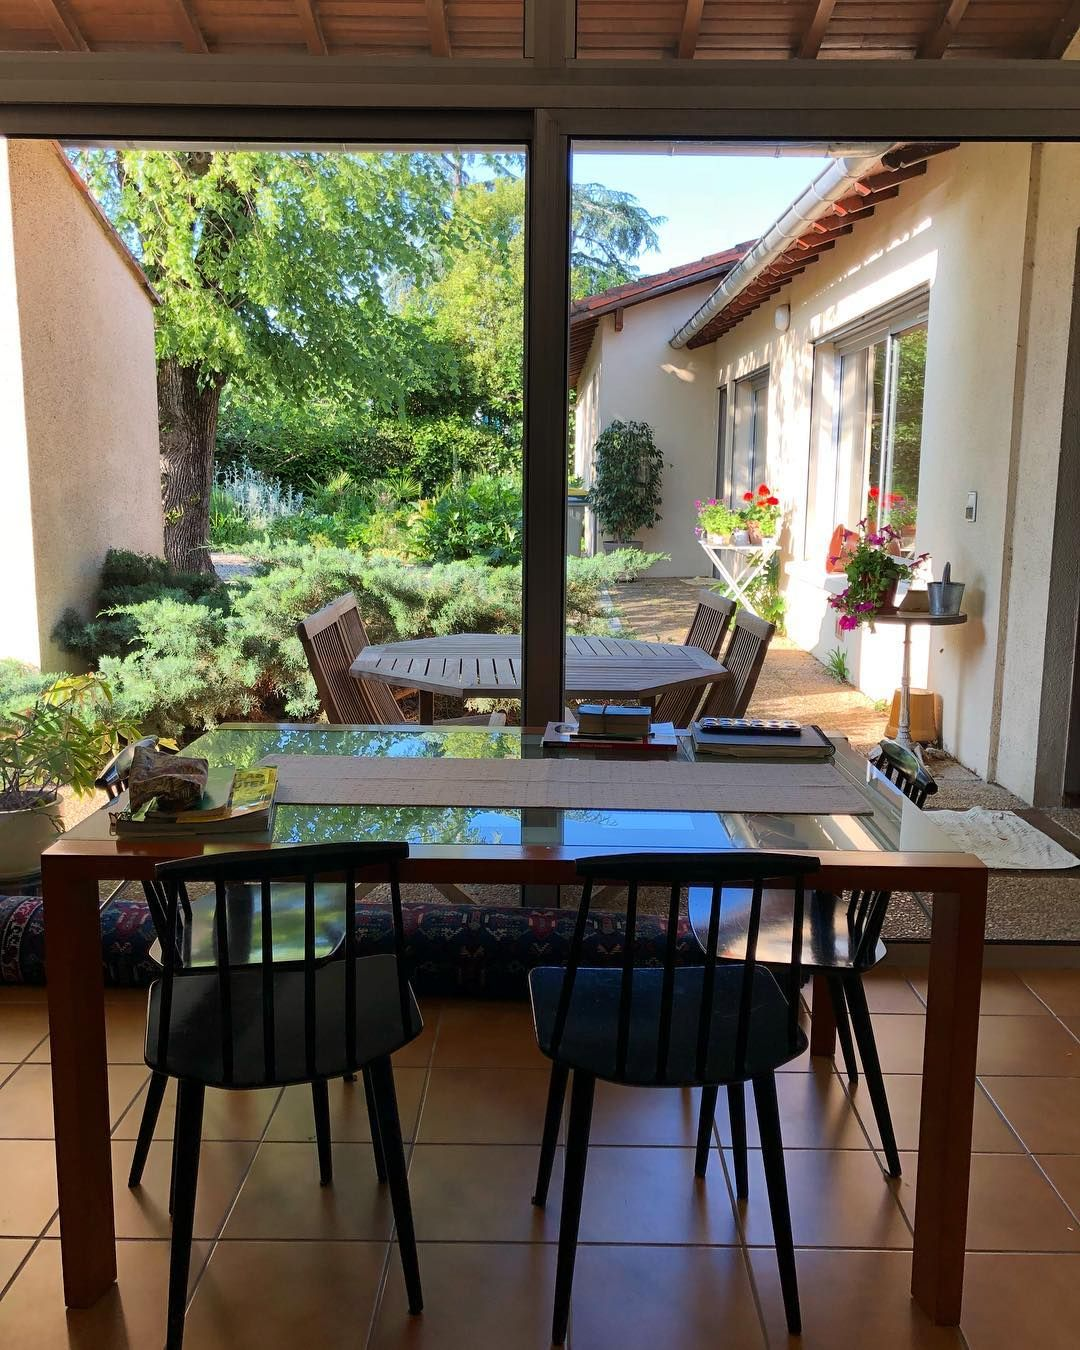 Nigeria house window design  outside seen from inside sittingroom window garden tables